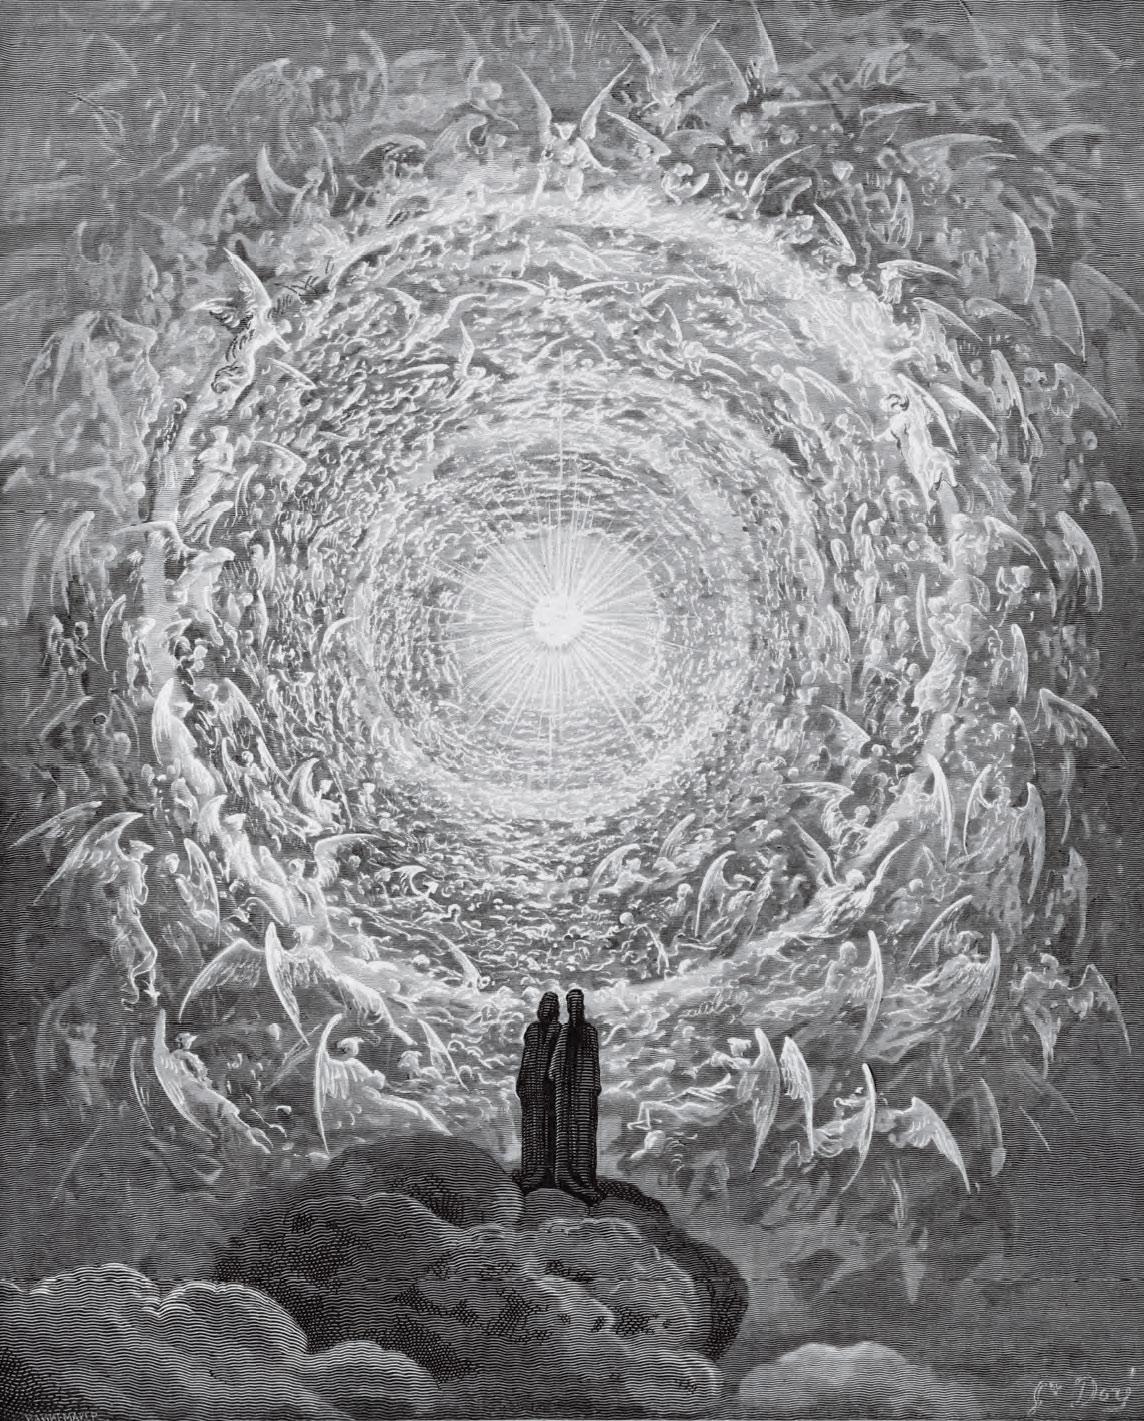 Gustave Doré, Le Purgatoire et le Paradis de Dante Alighieri avec les dessins de Gustave Doré, Librairie Hachette et Cie., Paris (1868; collezione privata)